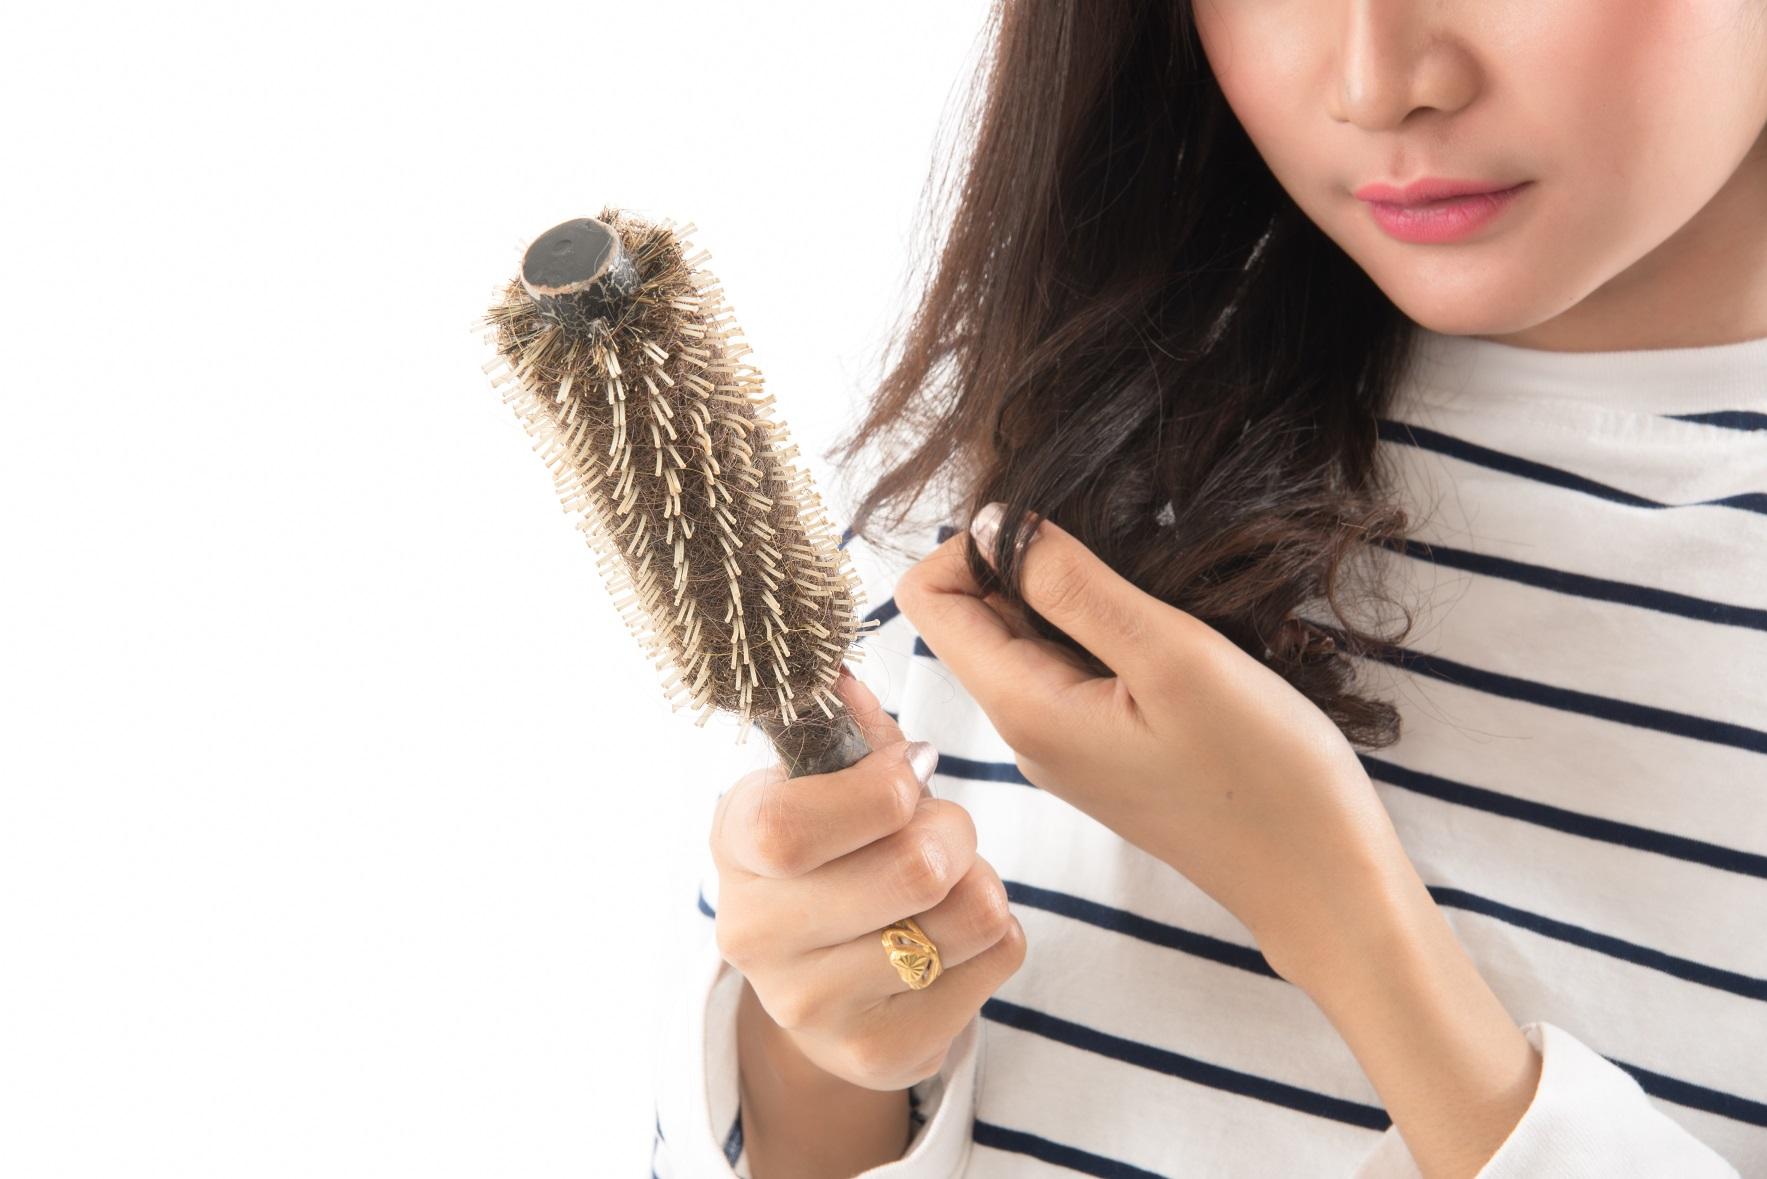 Muốn tóc mọc nhiều và khỏe, phải kích thích đúng chỗ! 1